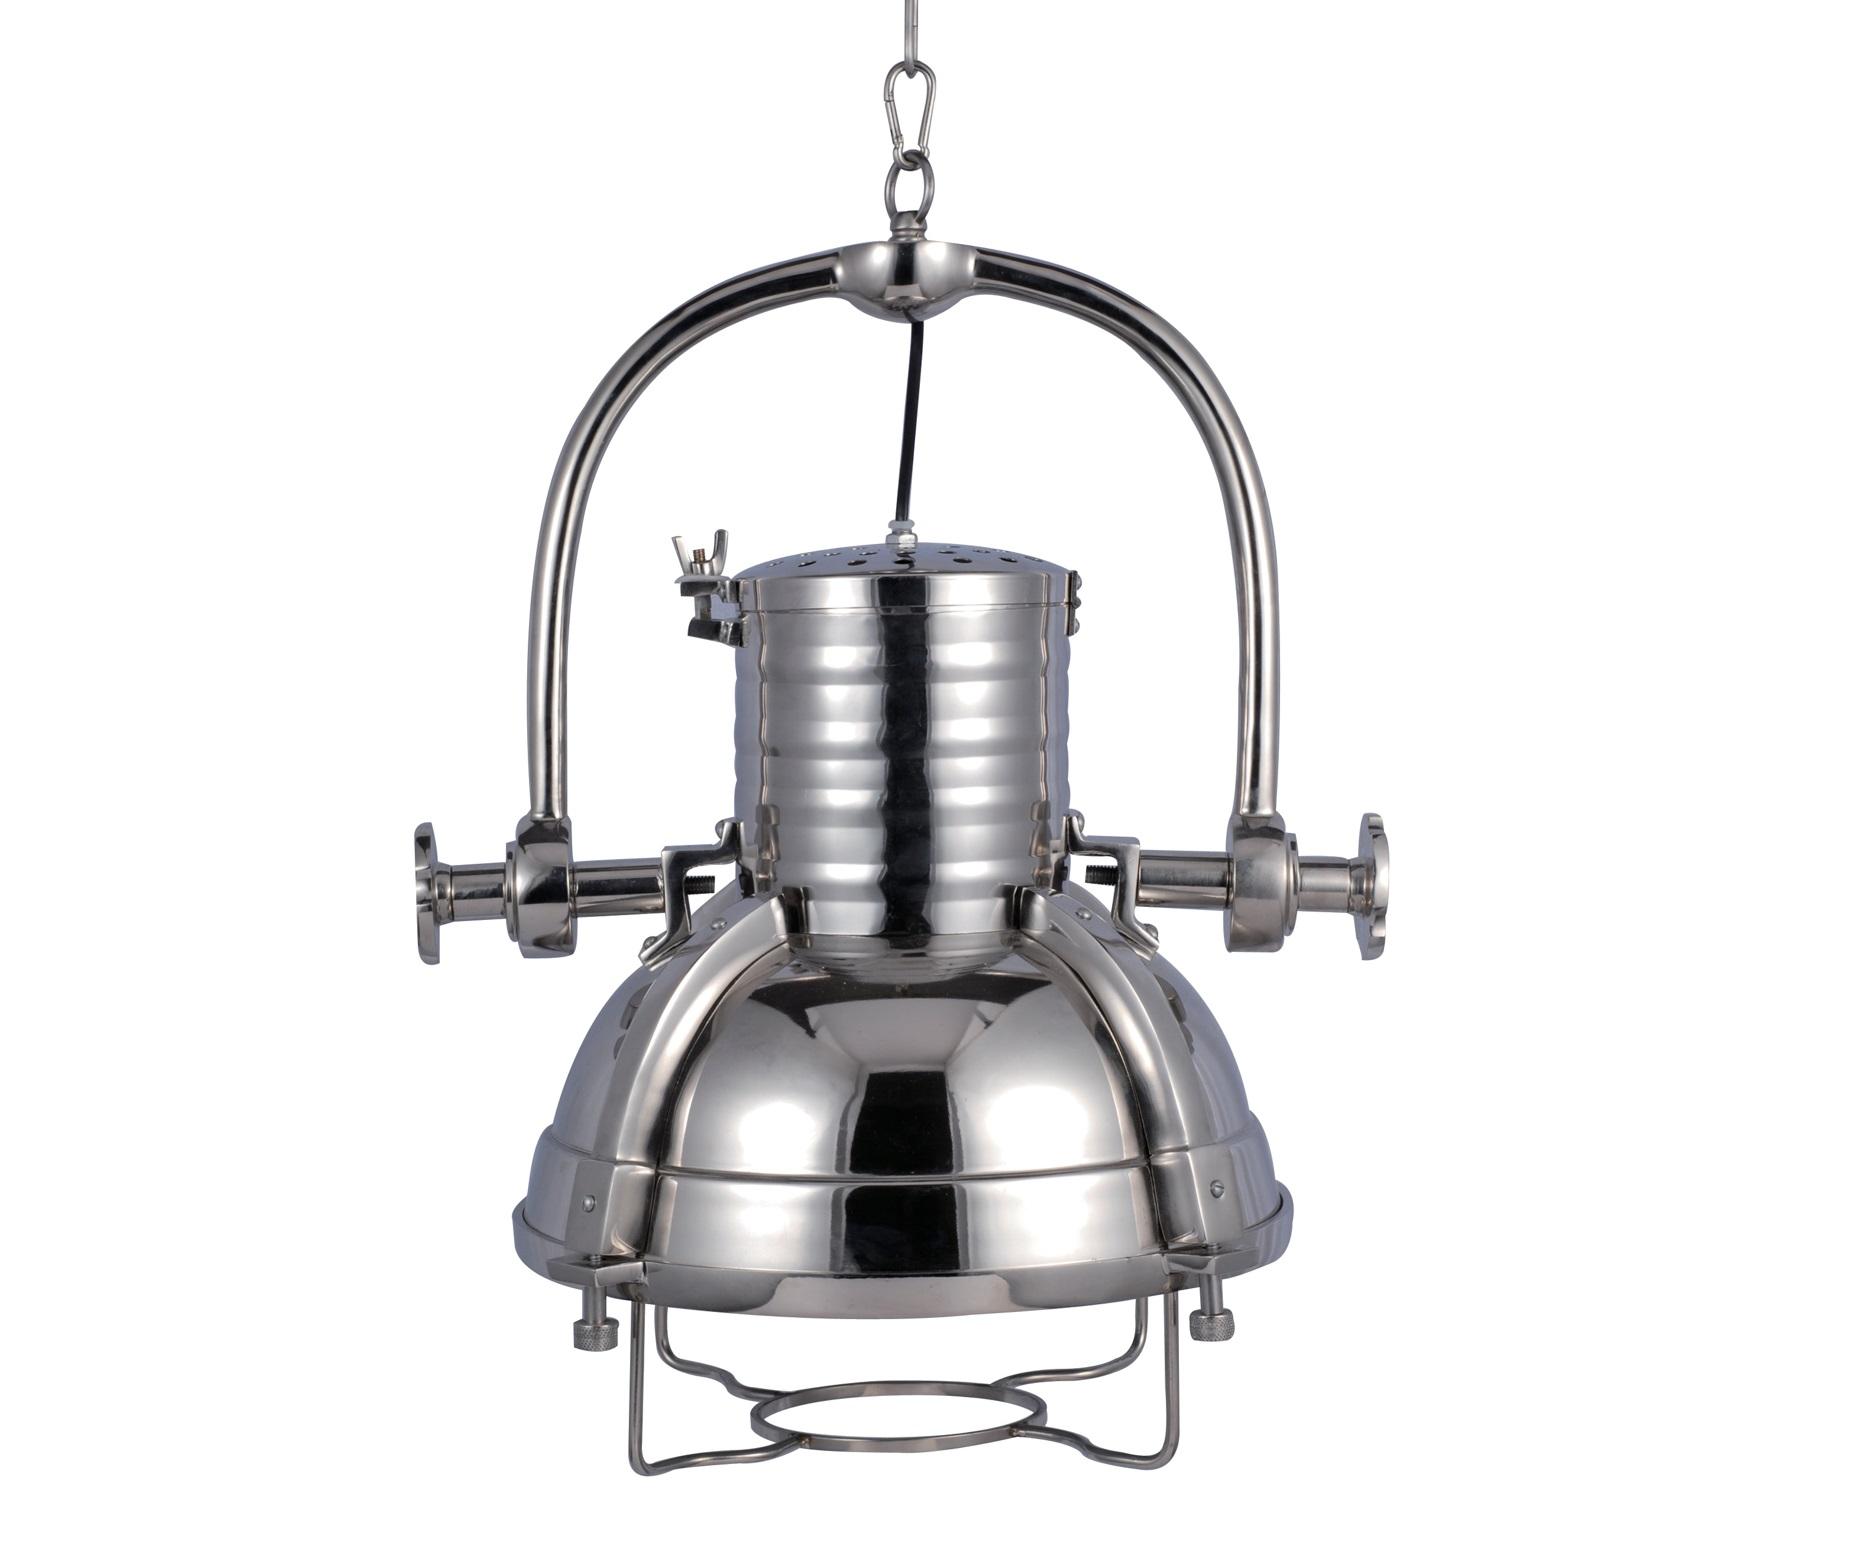 Светильник Fork ChromeПодвесные светильники<br>Подвесной светильник Fork выполнен в современном стиле лофт. Некая брутальность чувствуется в каждой детали этого интересного изделия,выполненного полностью из металла. Подвесной светильник станет отличным дополнением для Вашей современной кухни или модного бара.&amp;lt;div&amp;gt;&amp;lt;br&amp;gt;&amp;lt;/div&amp;gt;&amp;lt;div&amp;gt;&amp;lt;div&amp;gt;Вид цоколя: E27&amp;lt;/div&amp;gt;&amp;lt;div&amp;gt;Мощность: &amp;amp;nbsp;40W&amp;amp;nbsp;&amp;lt;/div&amp;gt;&amp;lt;div&amp;gt;Количество ламп: 1&amp;lt;/div&amp;gt;&amp;lt;/div&amp;gt;<br><br>Material: Металл<br>Height см: 50<br>Diameter см: 46